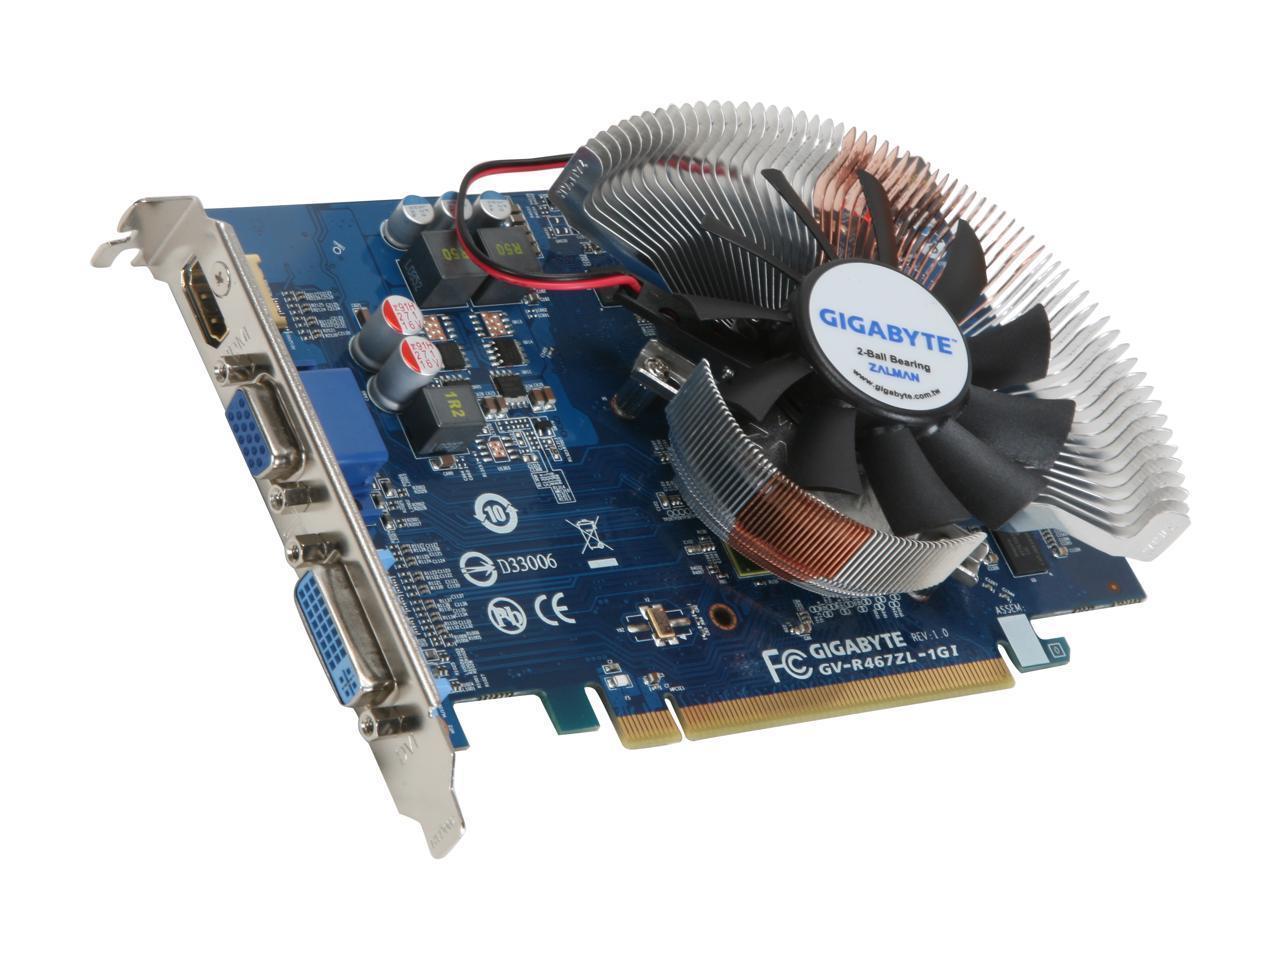 ВІДЕОКАРТА Pci-E RADEON HD4670 на 1GB і 128 BIT HDMI ! і ГАРАНТІЄЮ ( відеоадаптер HD 4670 1 GB )